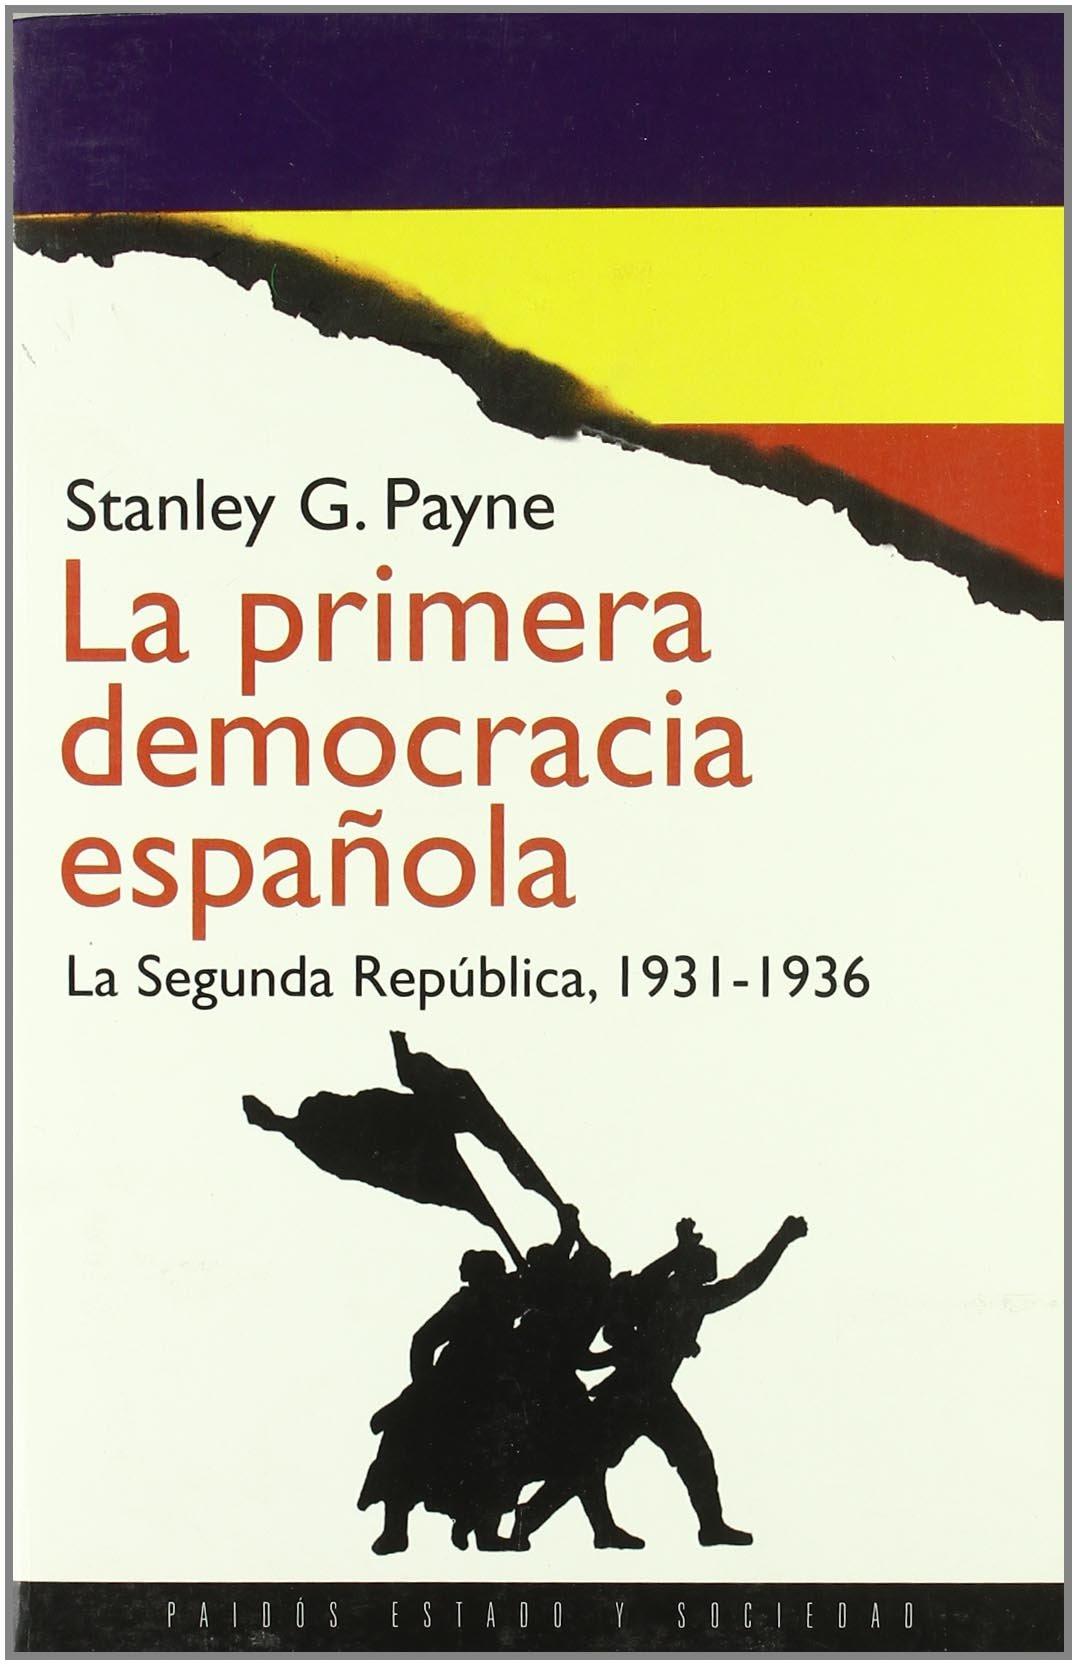 La primera democracia española: La segunda República, 1931-1936 Estado y Sociedad: Amazon.es: Payne, Stanley G.: Libros